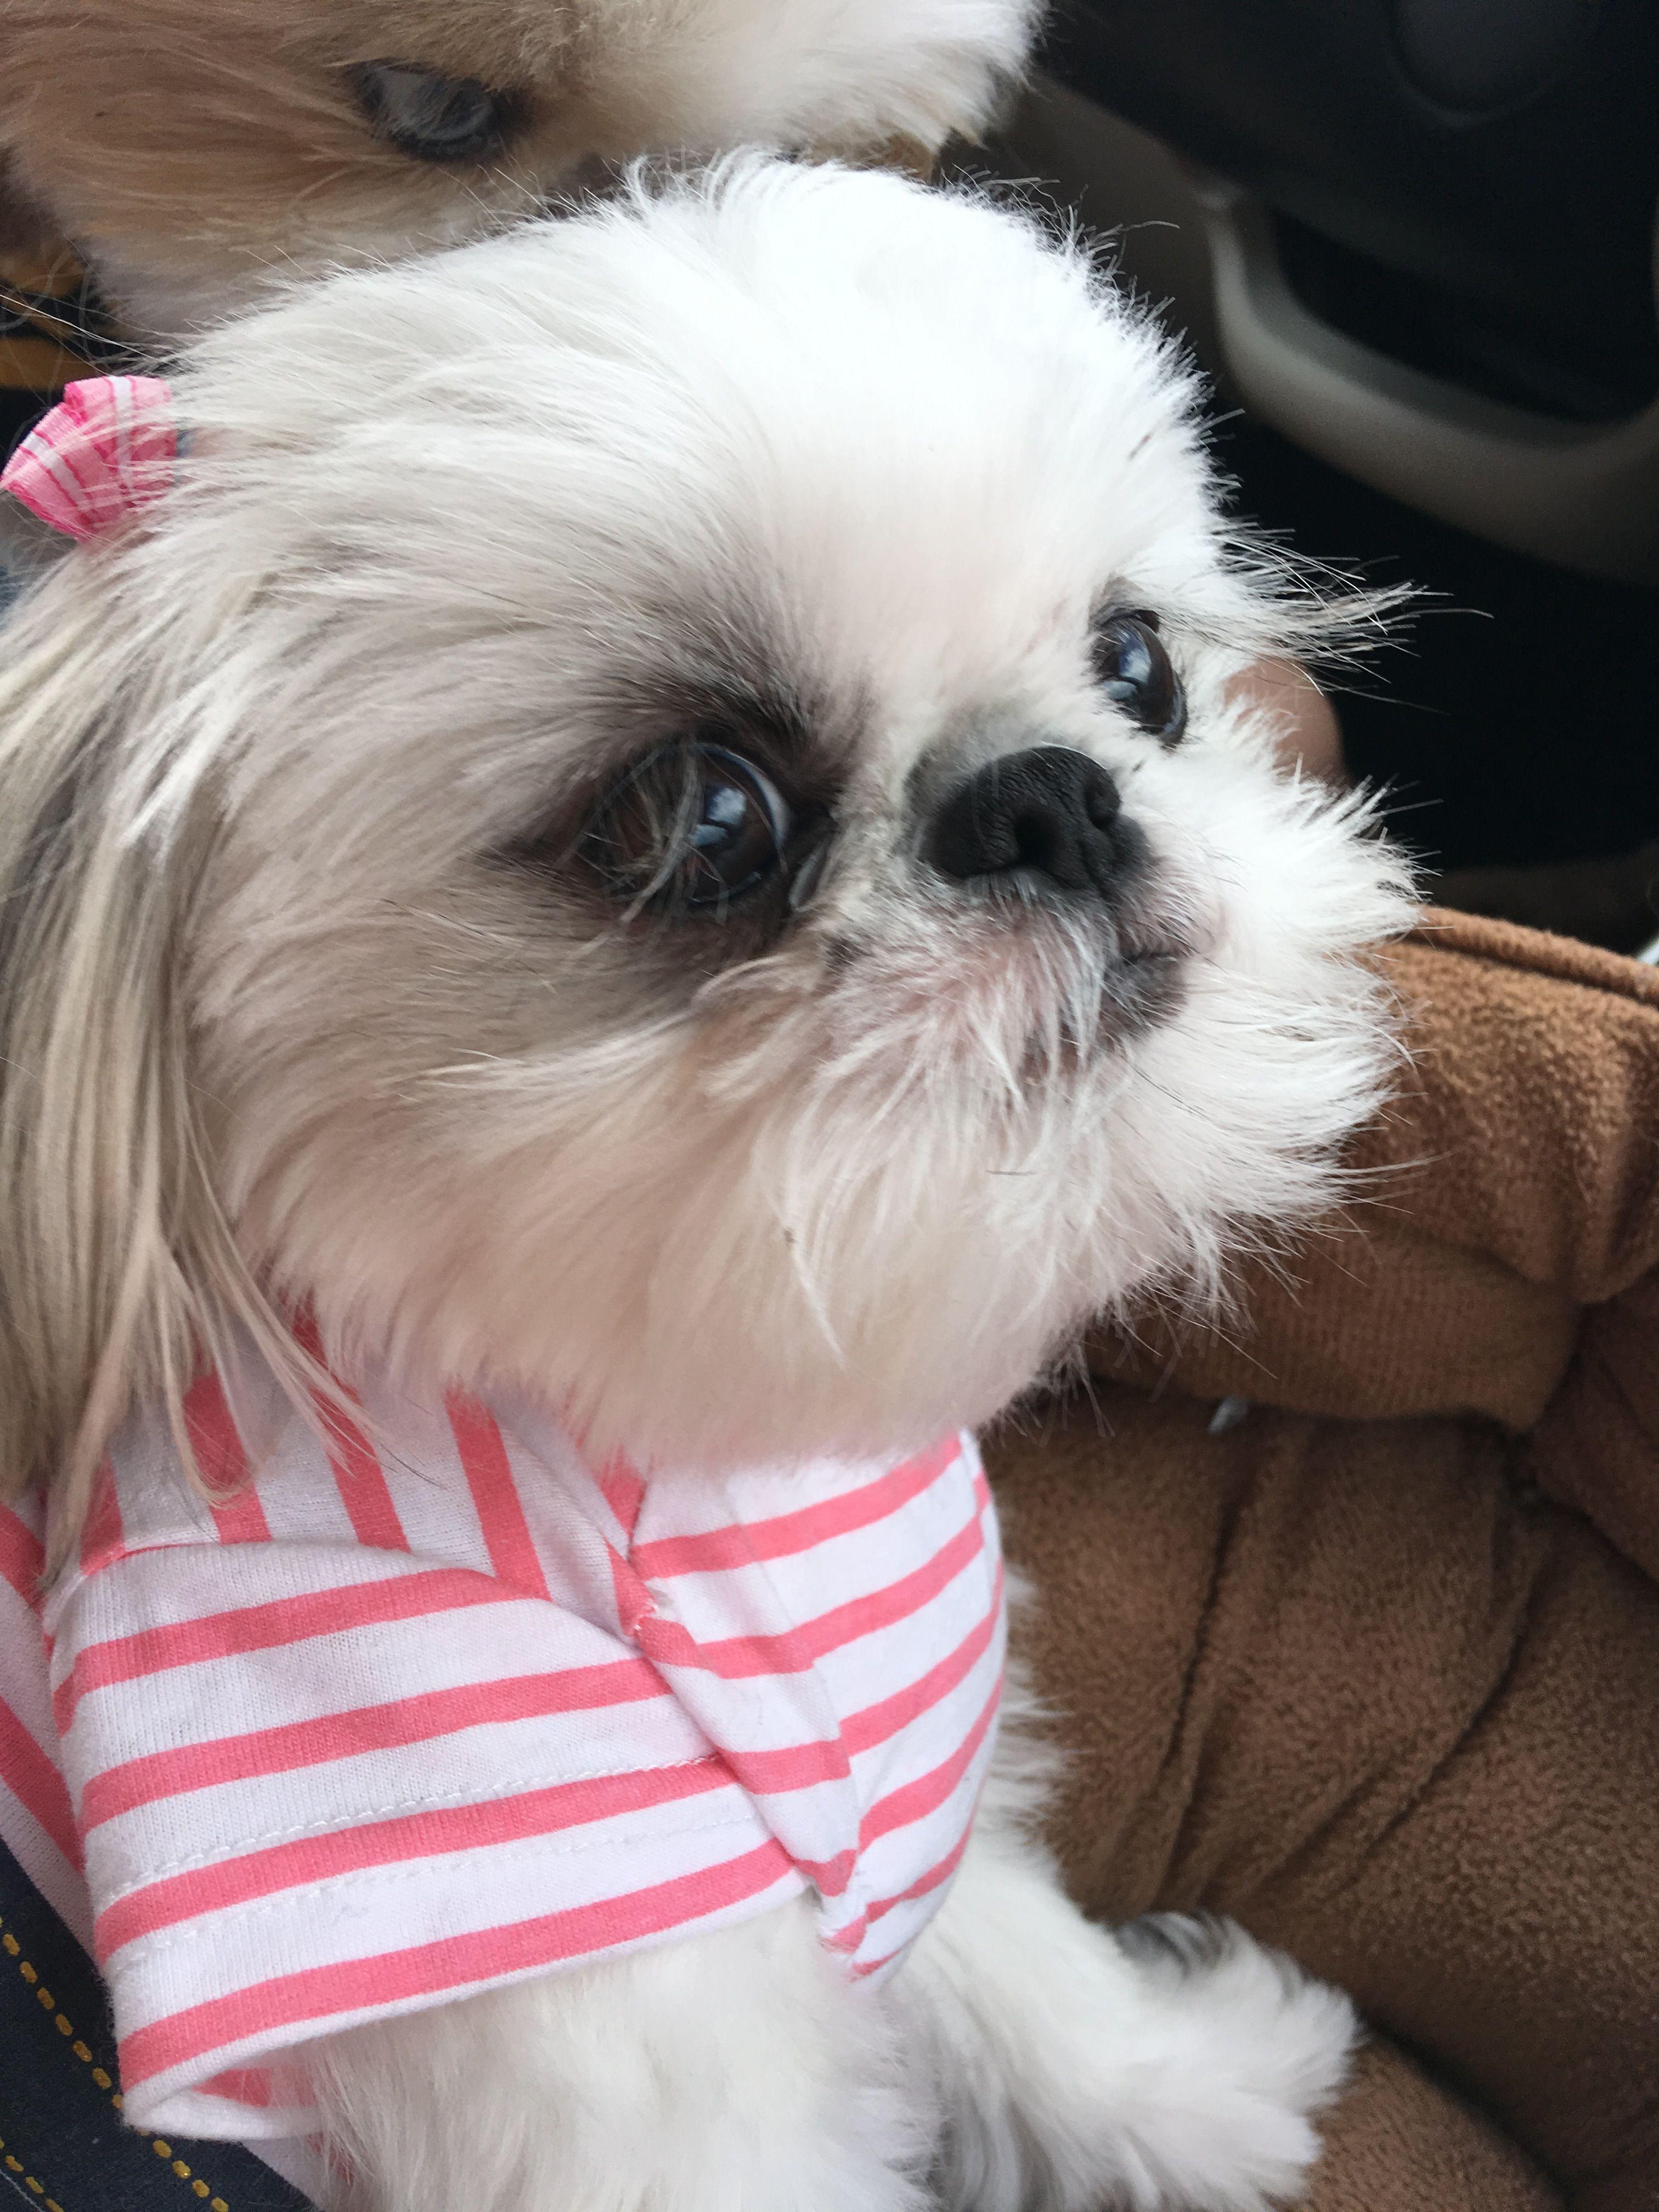 Random Image By Lyndzi Marines Shih Tzu Puppy Shih Tzu Dog